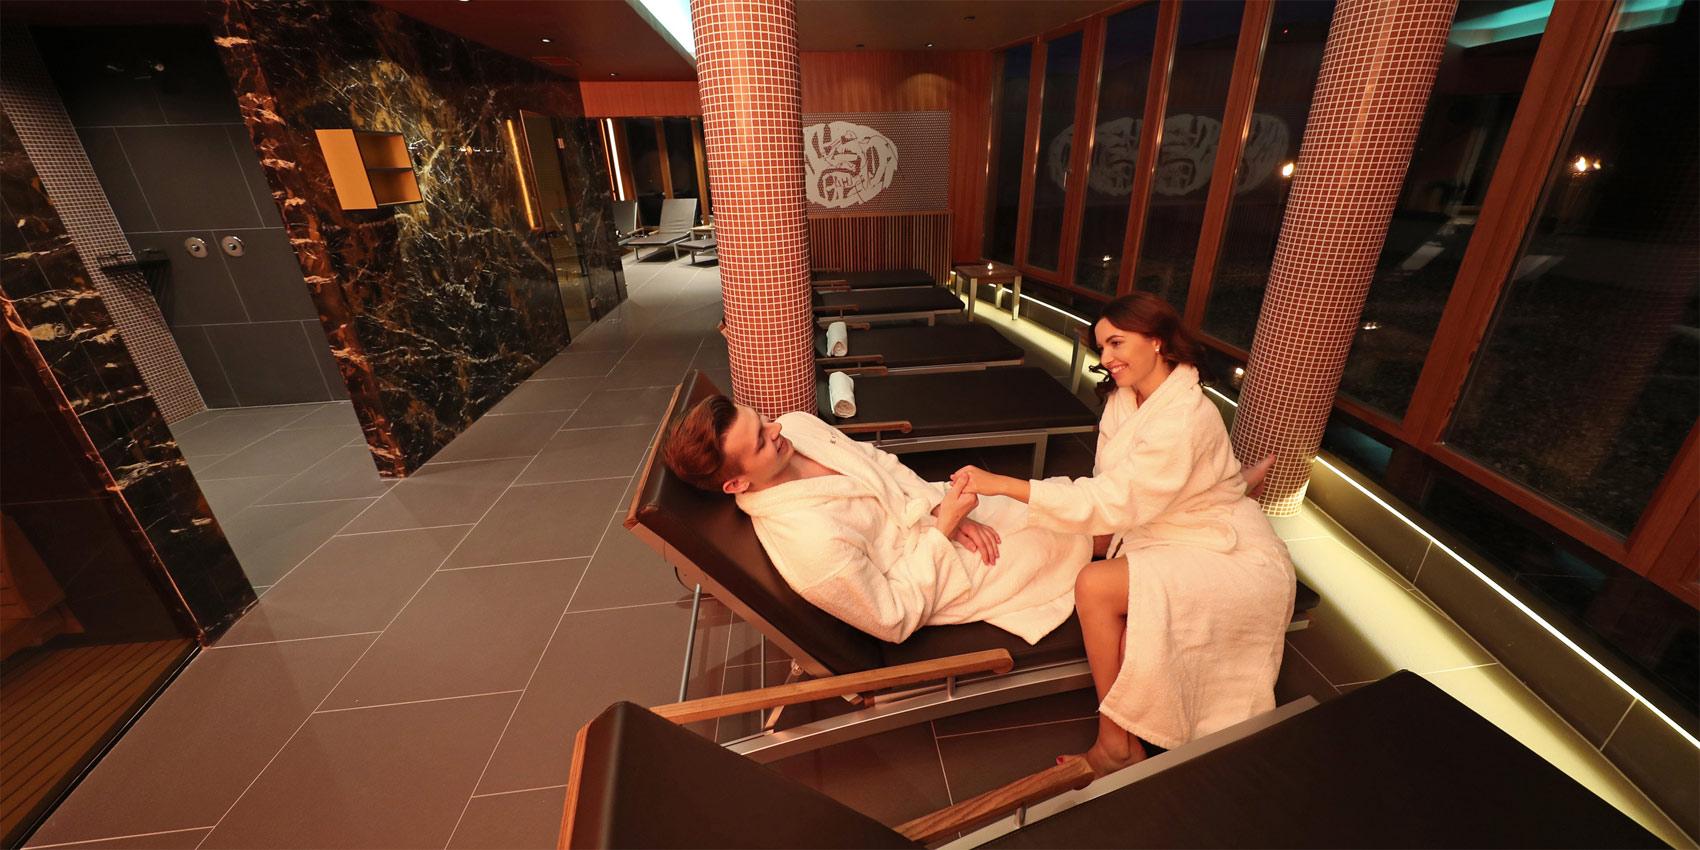 Новое предложение отеля «Бальнеа» **** супериор: сауна с видом на живописную долину.